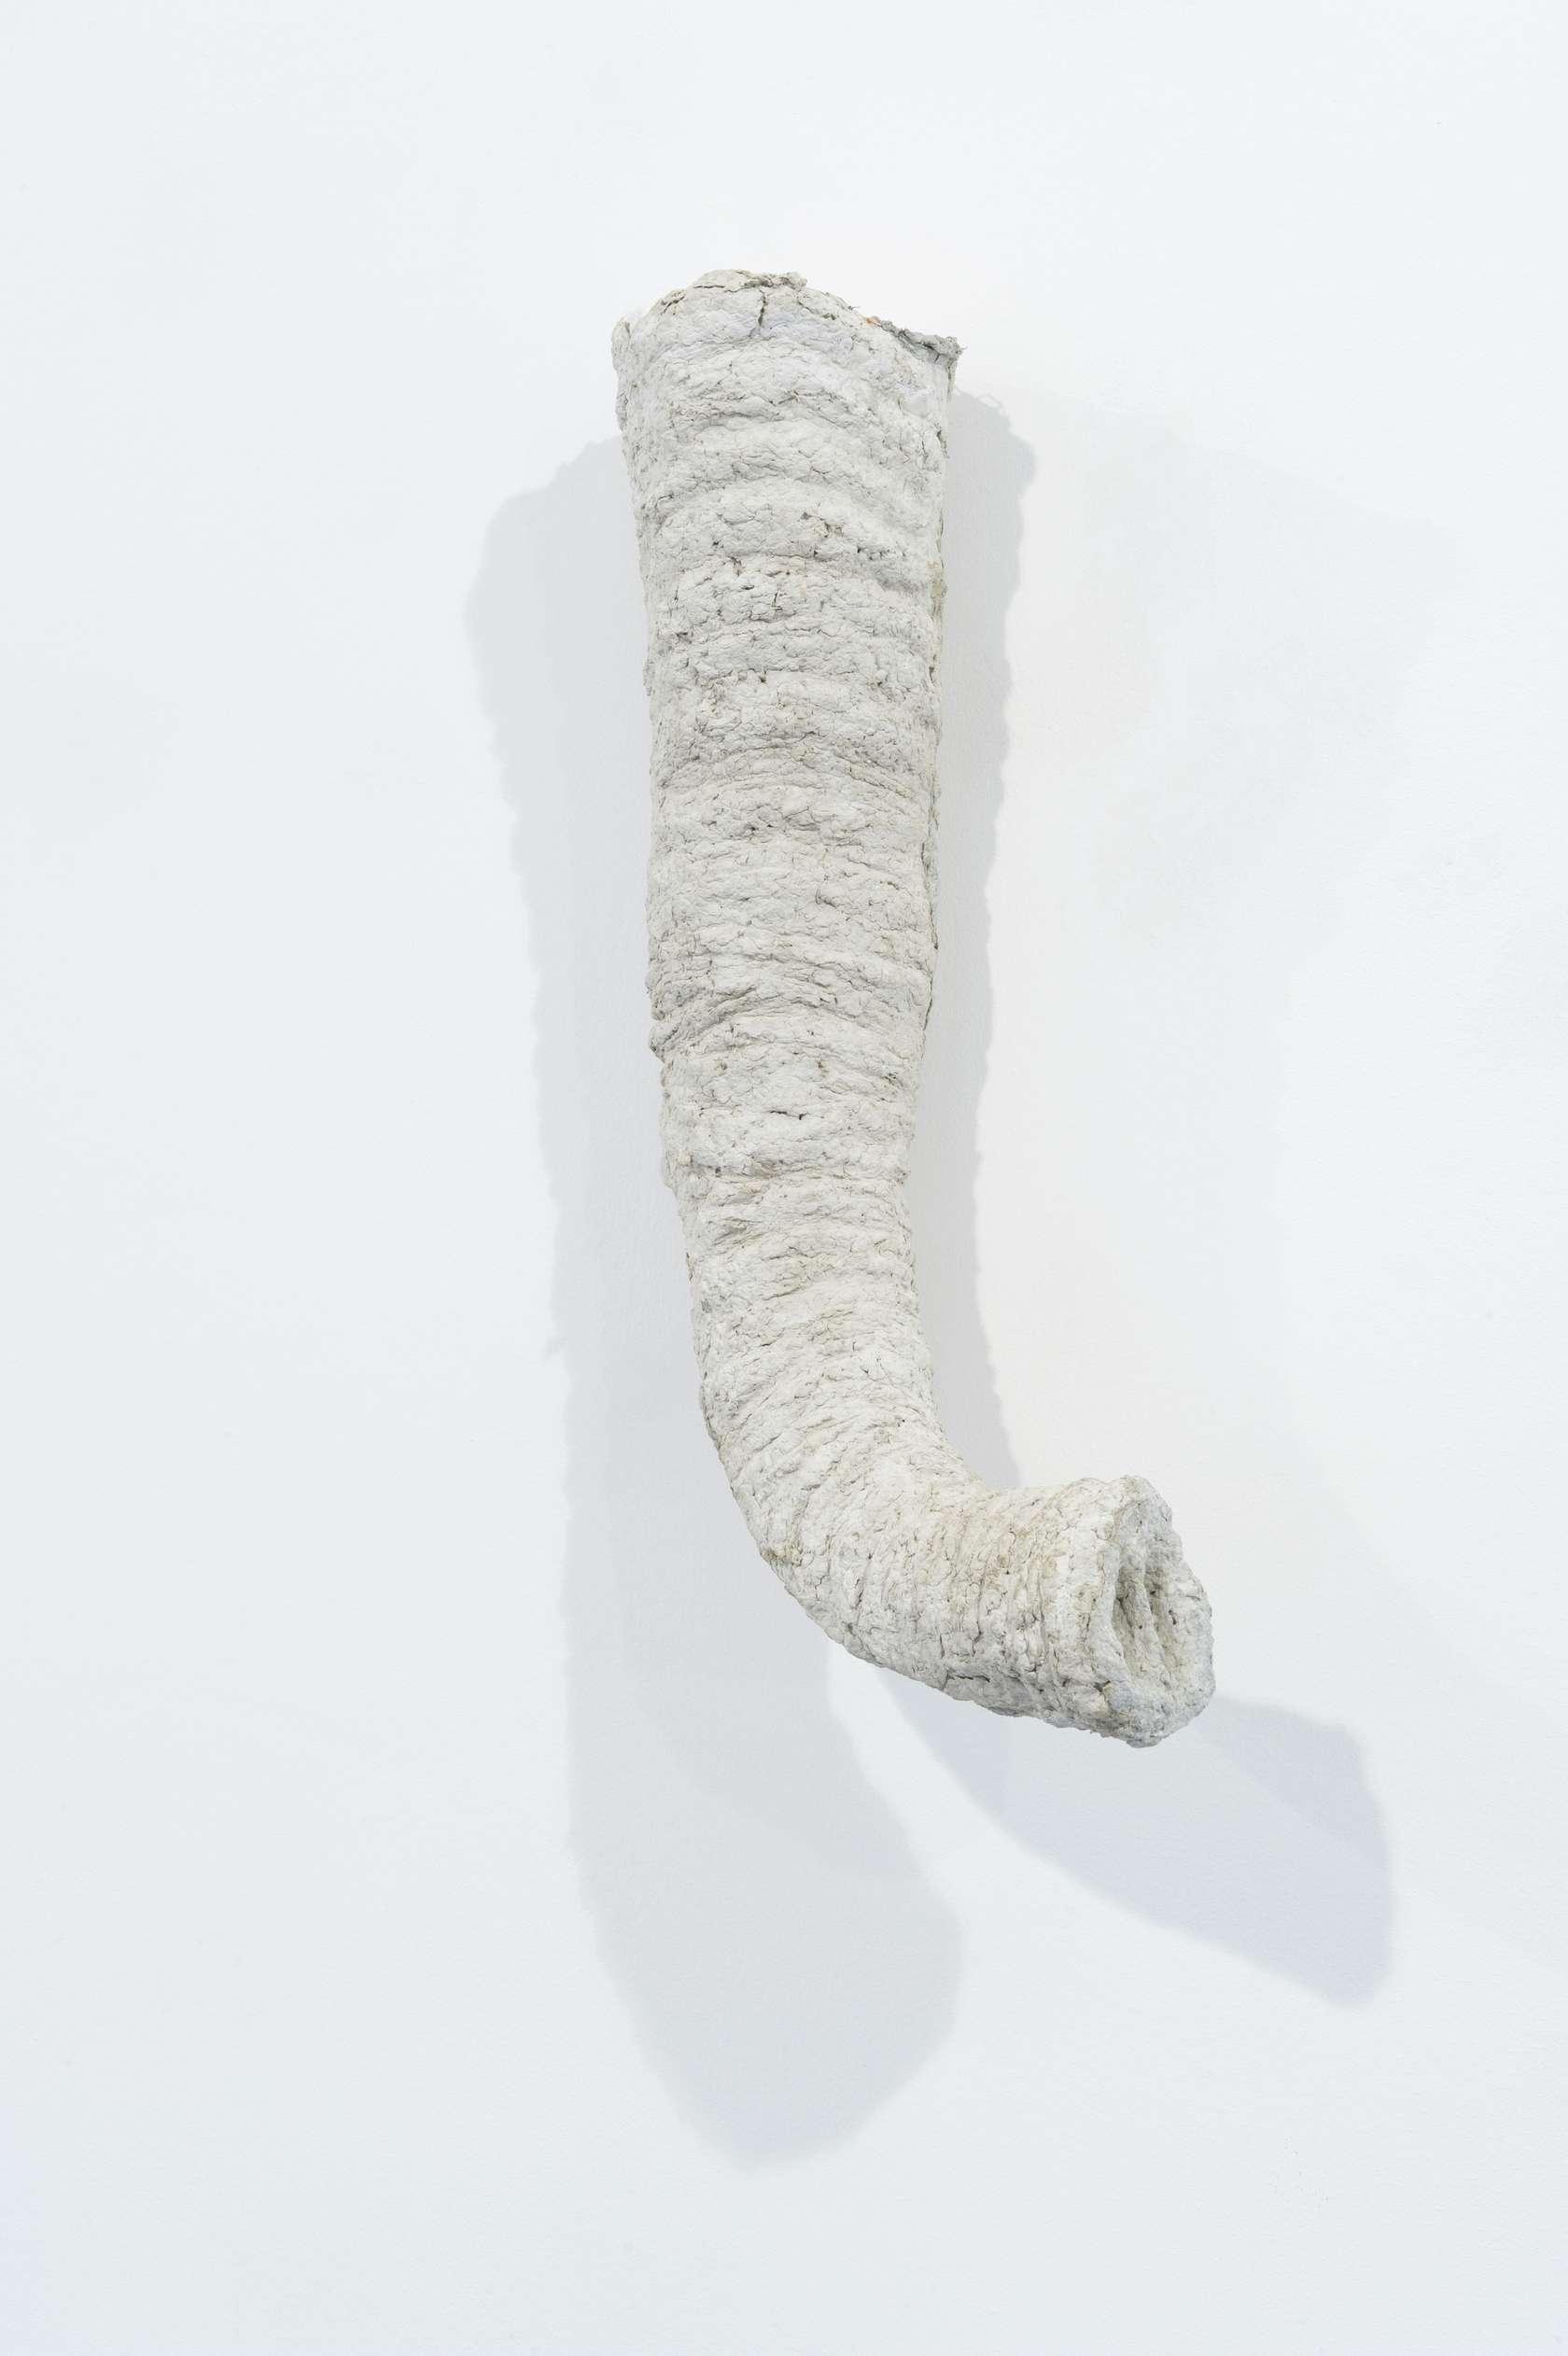 Laurent Le Deunff, Trompe II, 2012 Papier mâché, ciment56 x 25 x 24 cm / 22  x 9 7/8 x 9 1/2 inches